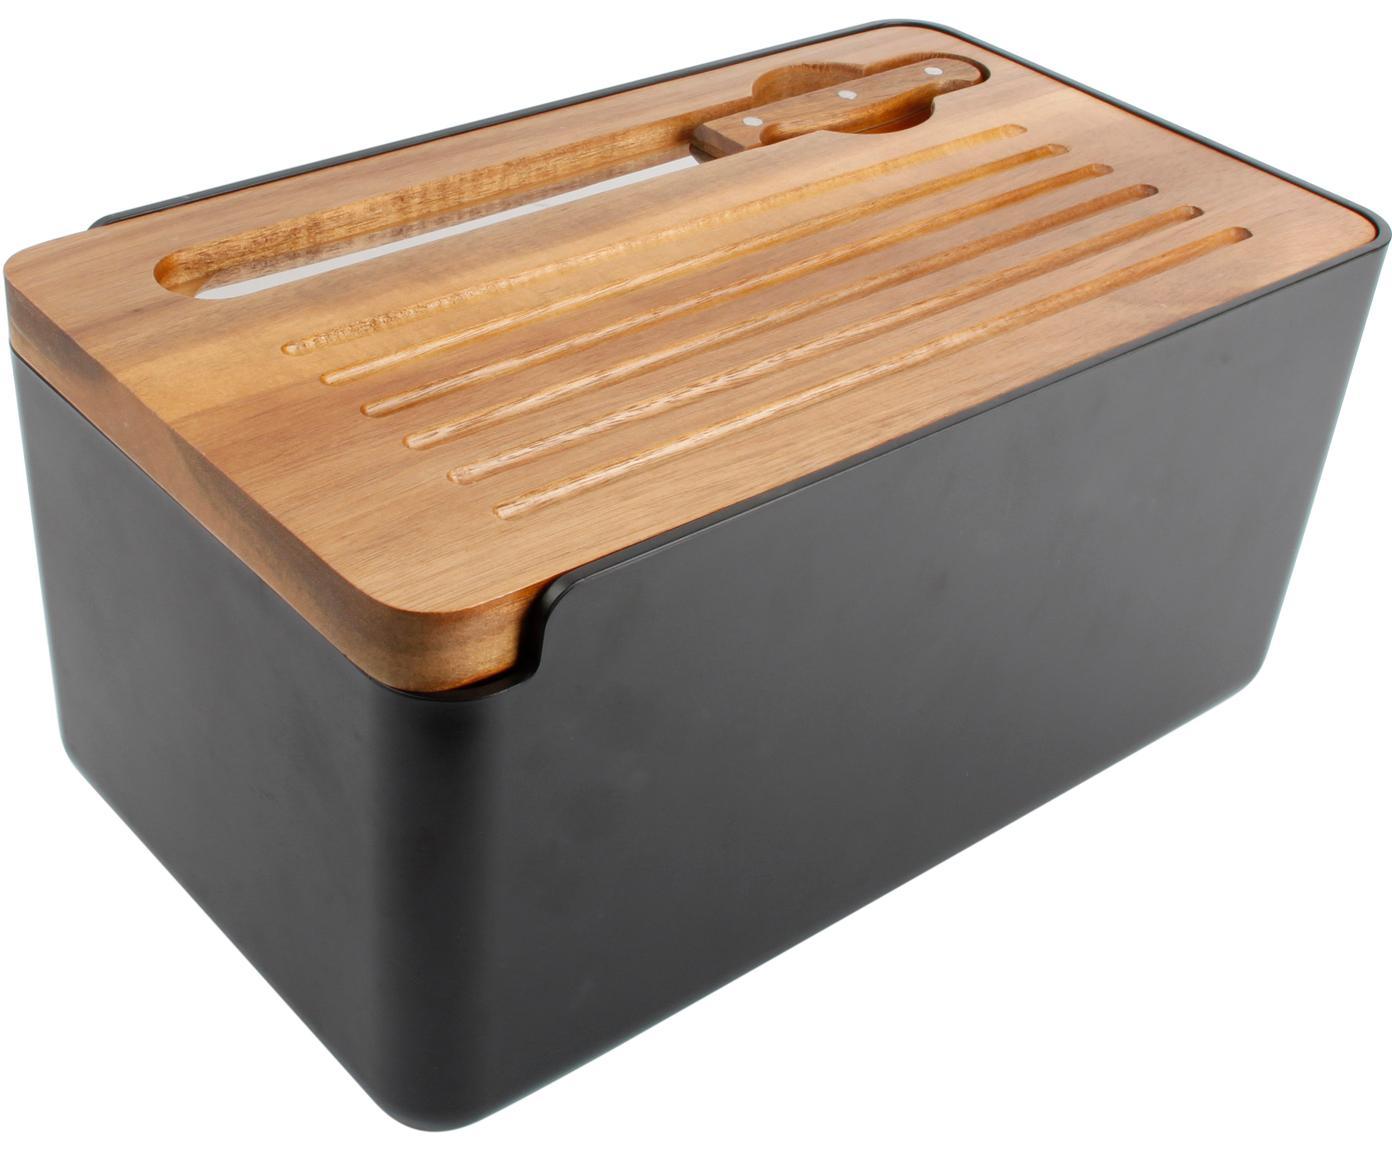 Komplet chlebaka Hudson, 3 elem., Drewno akacjowe, tworzywo sztuczne (ABS), stal nierdzewna, drewno naturalne, Czarny, drewno akacjowe, odcienie srebrnego, S 27 x W 19 cm